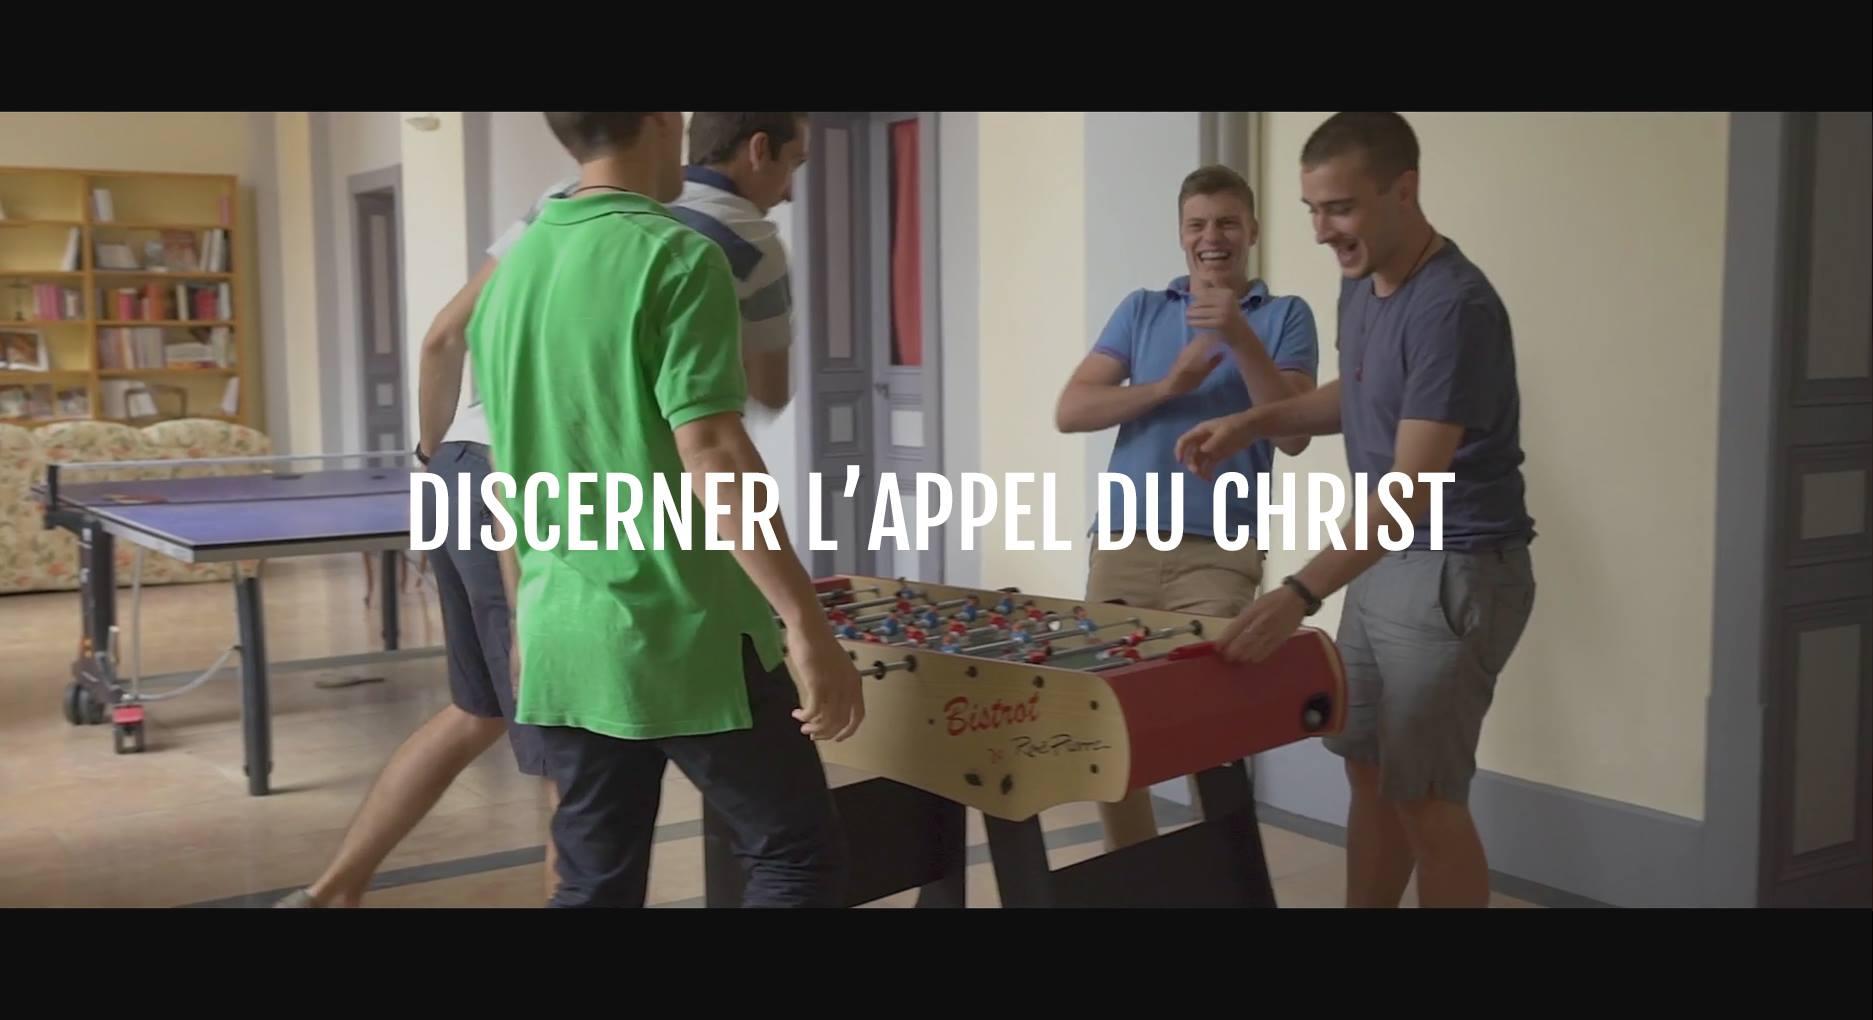 Discerner l'appel du christ – La propédeutique – épisode 3/3